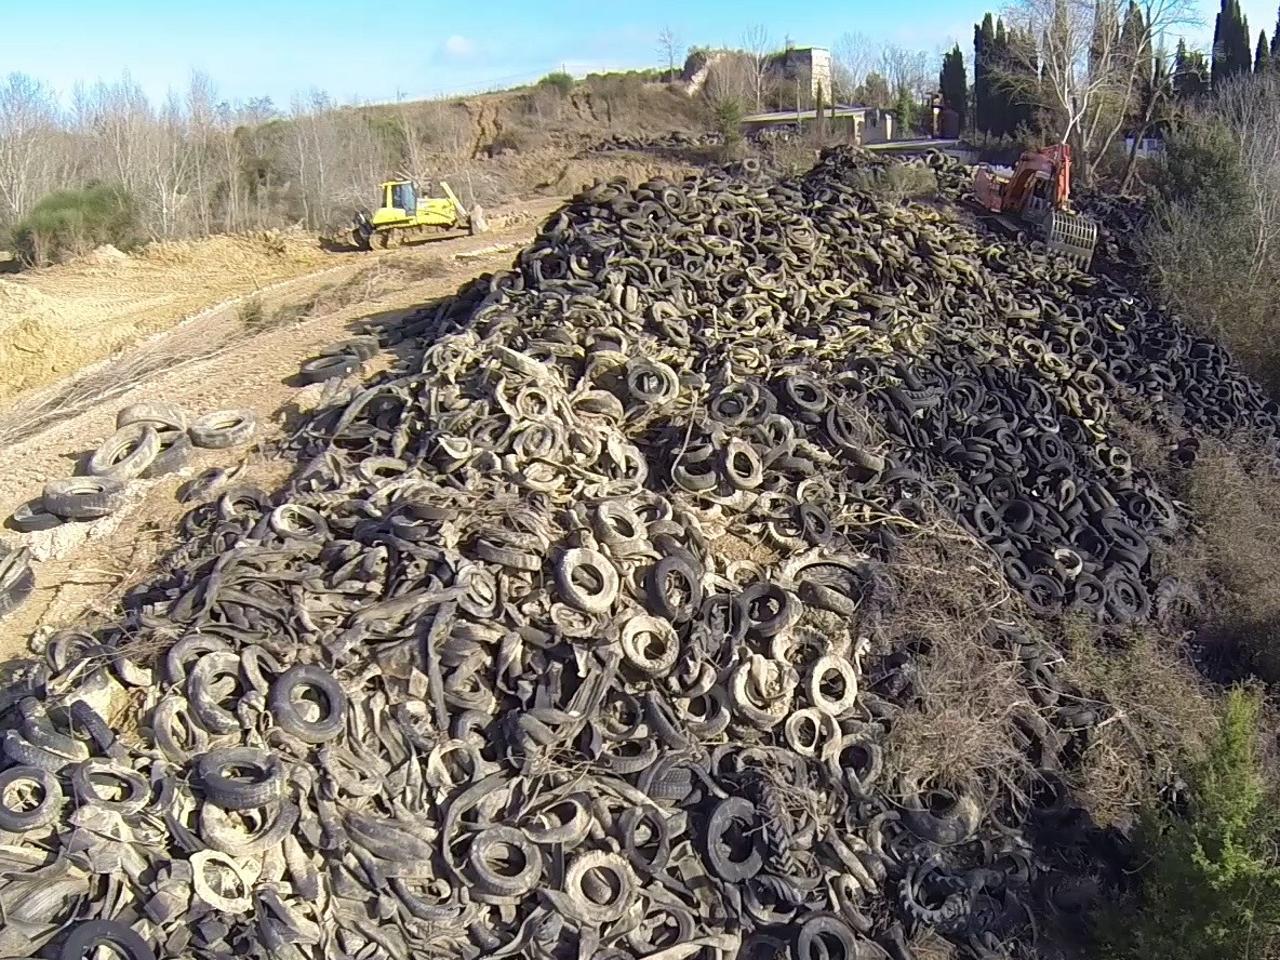 Rifiuti: rimossa la 'collina' di pneumatici di Rapolano